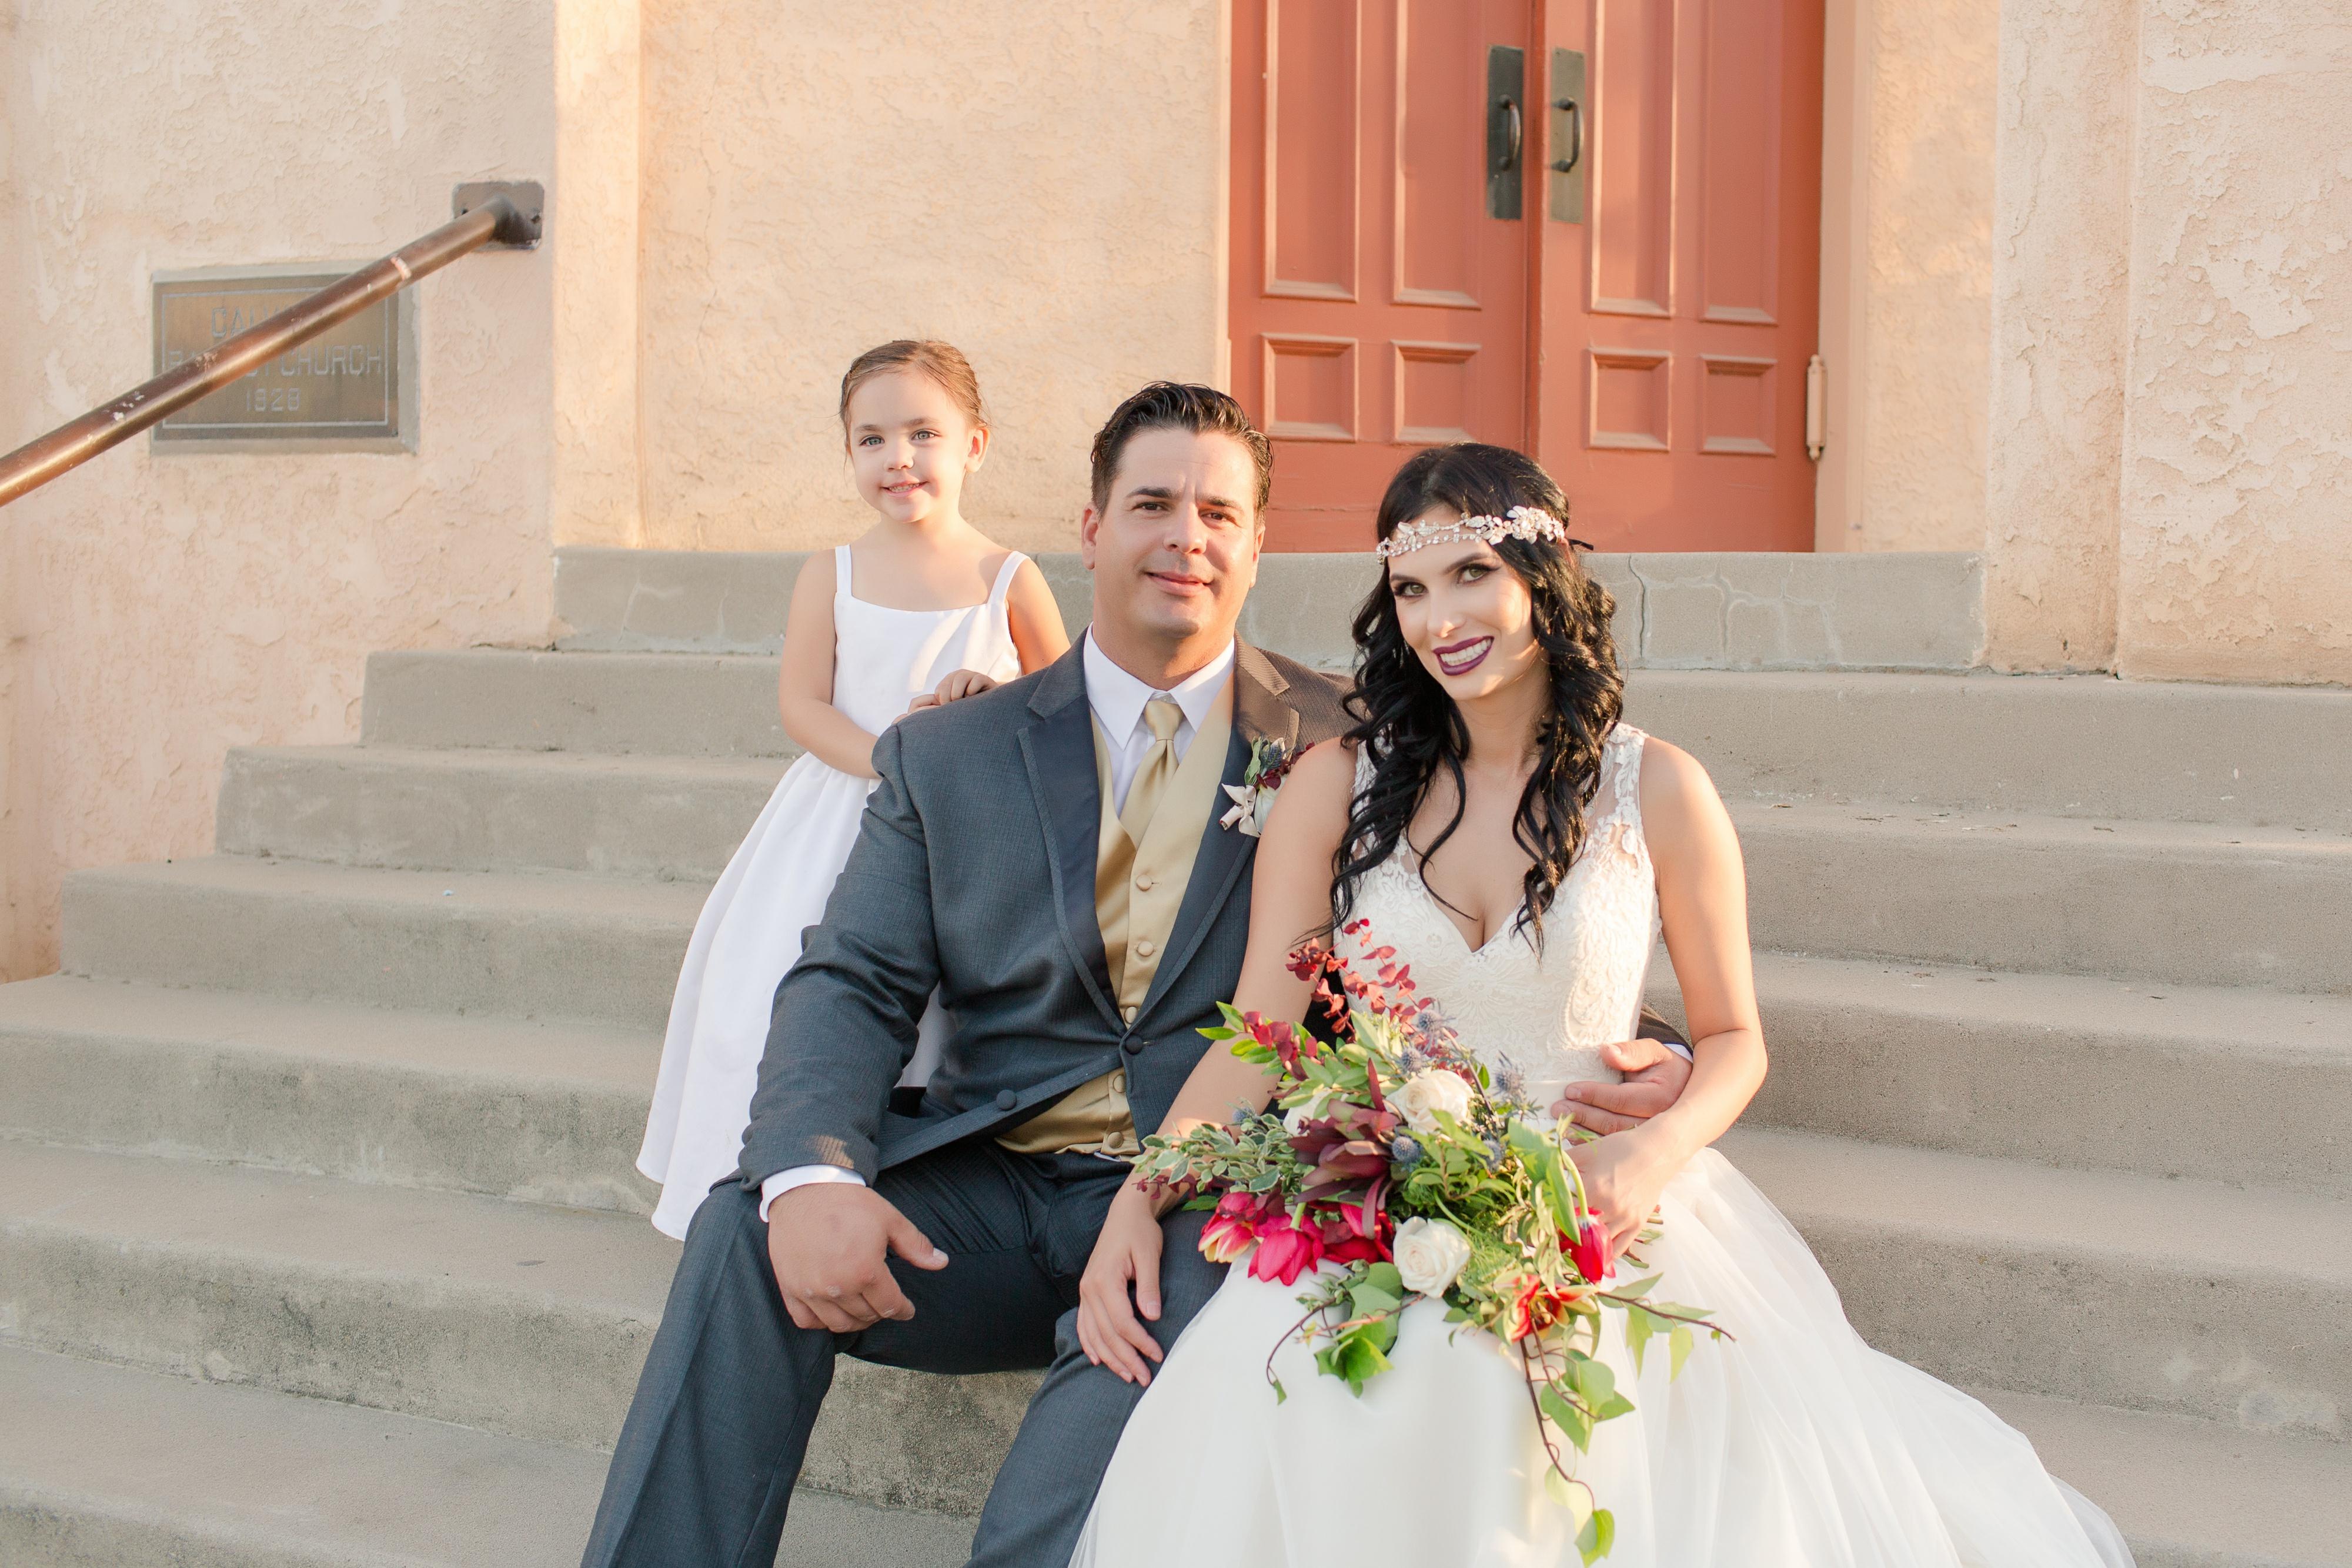 Wedding venue, special events